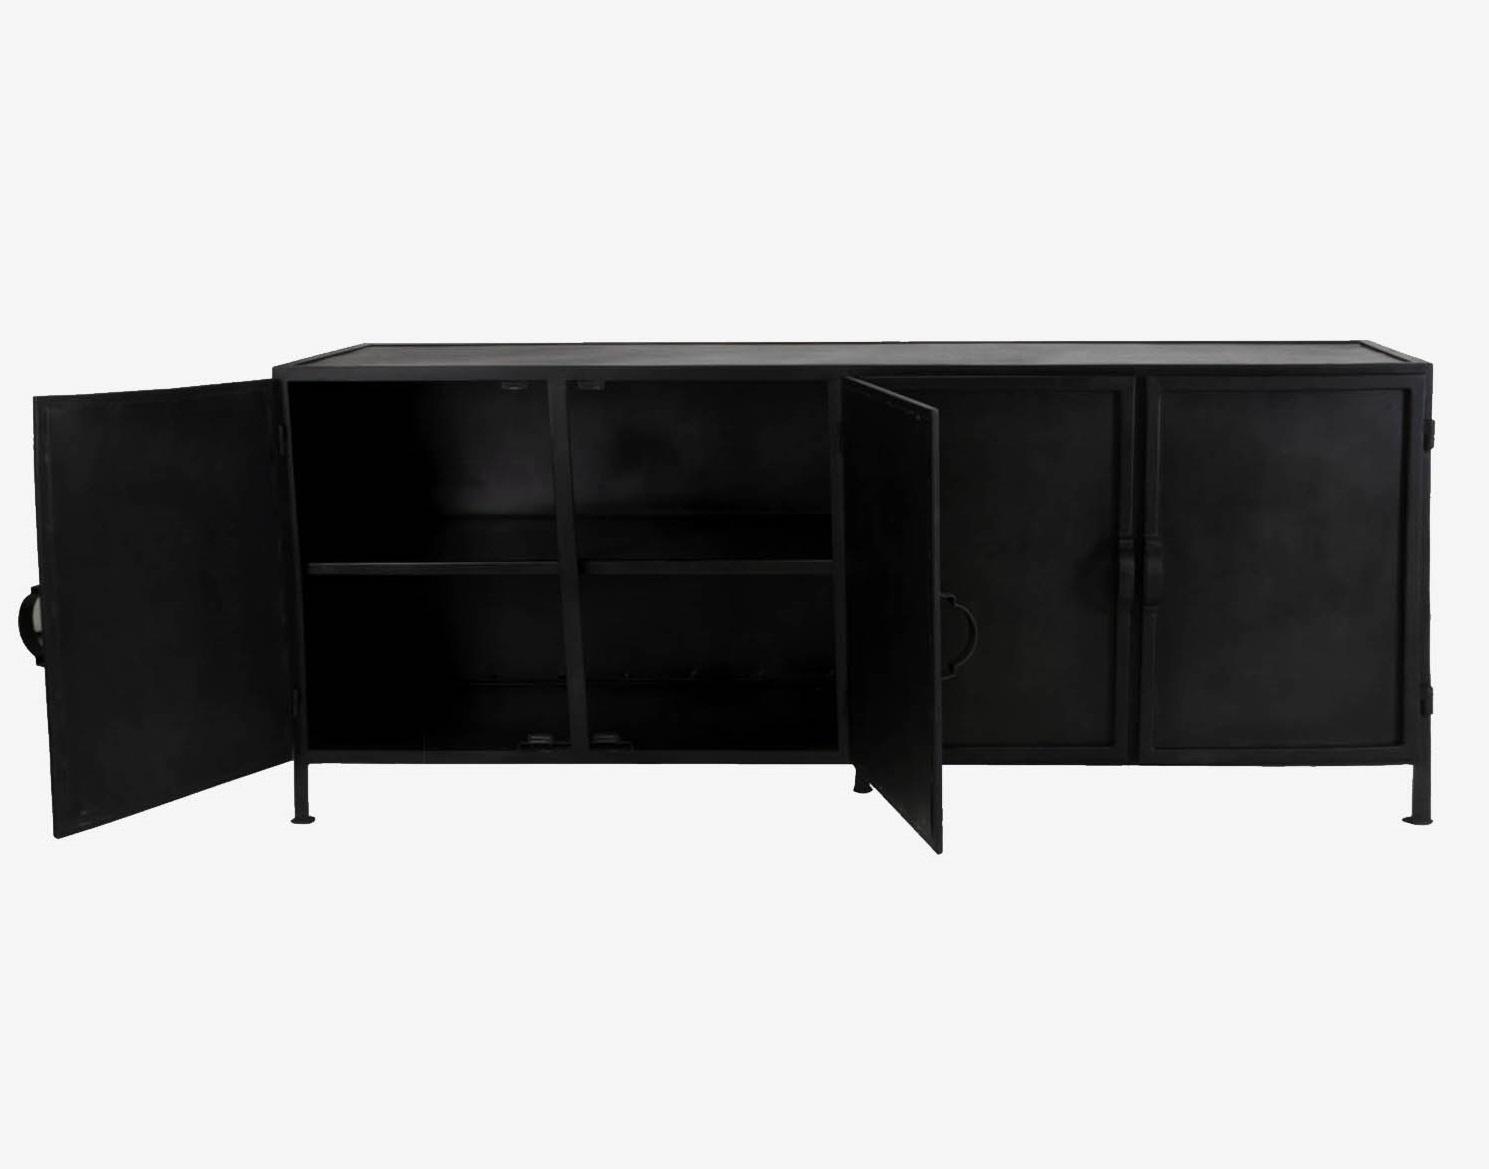 New Routz lage ijzeren kast, dressoir Detroit, zwart